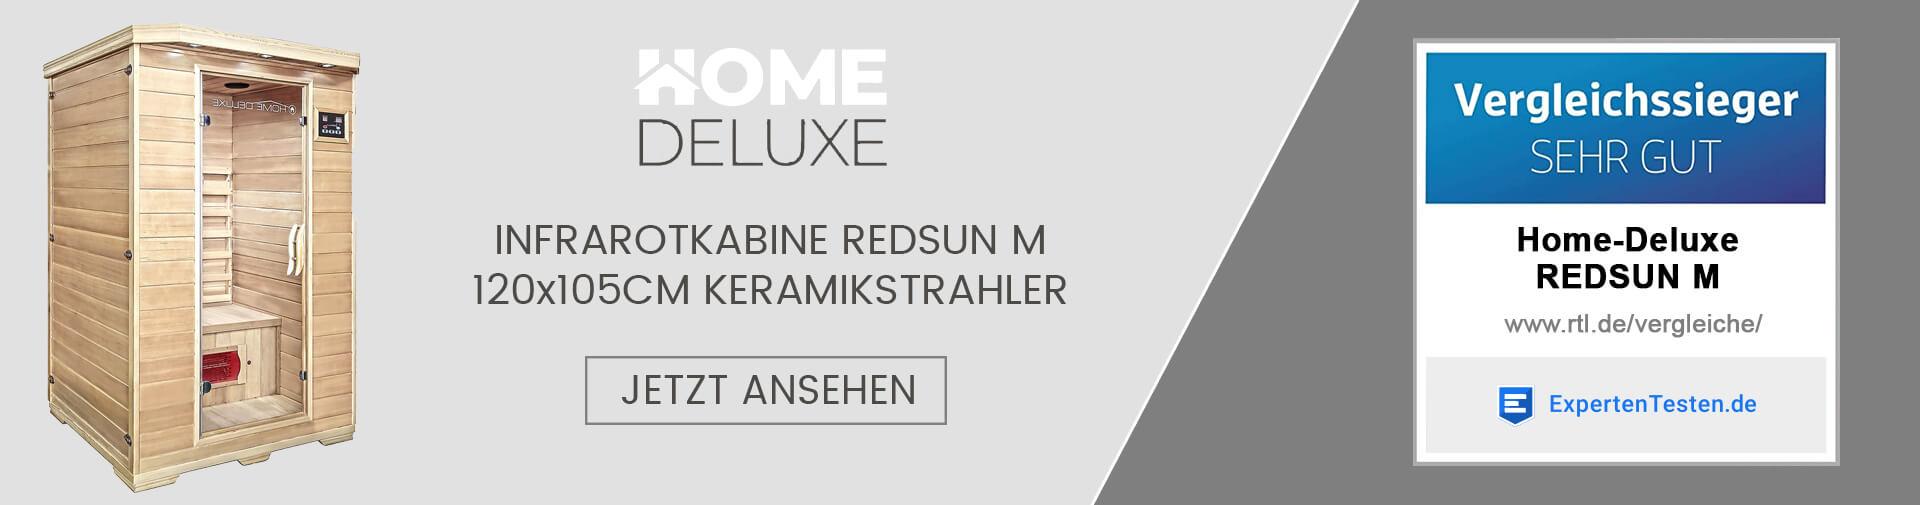 Home Deluxe Infrarotkabine Redsun M